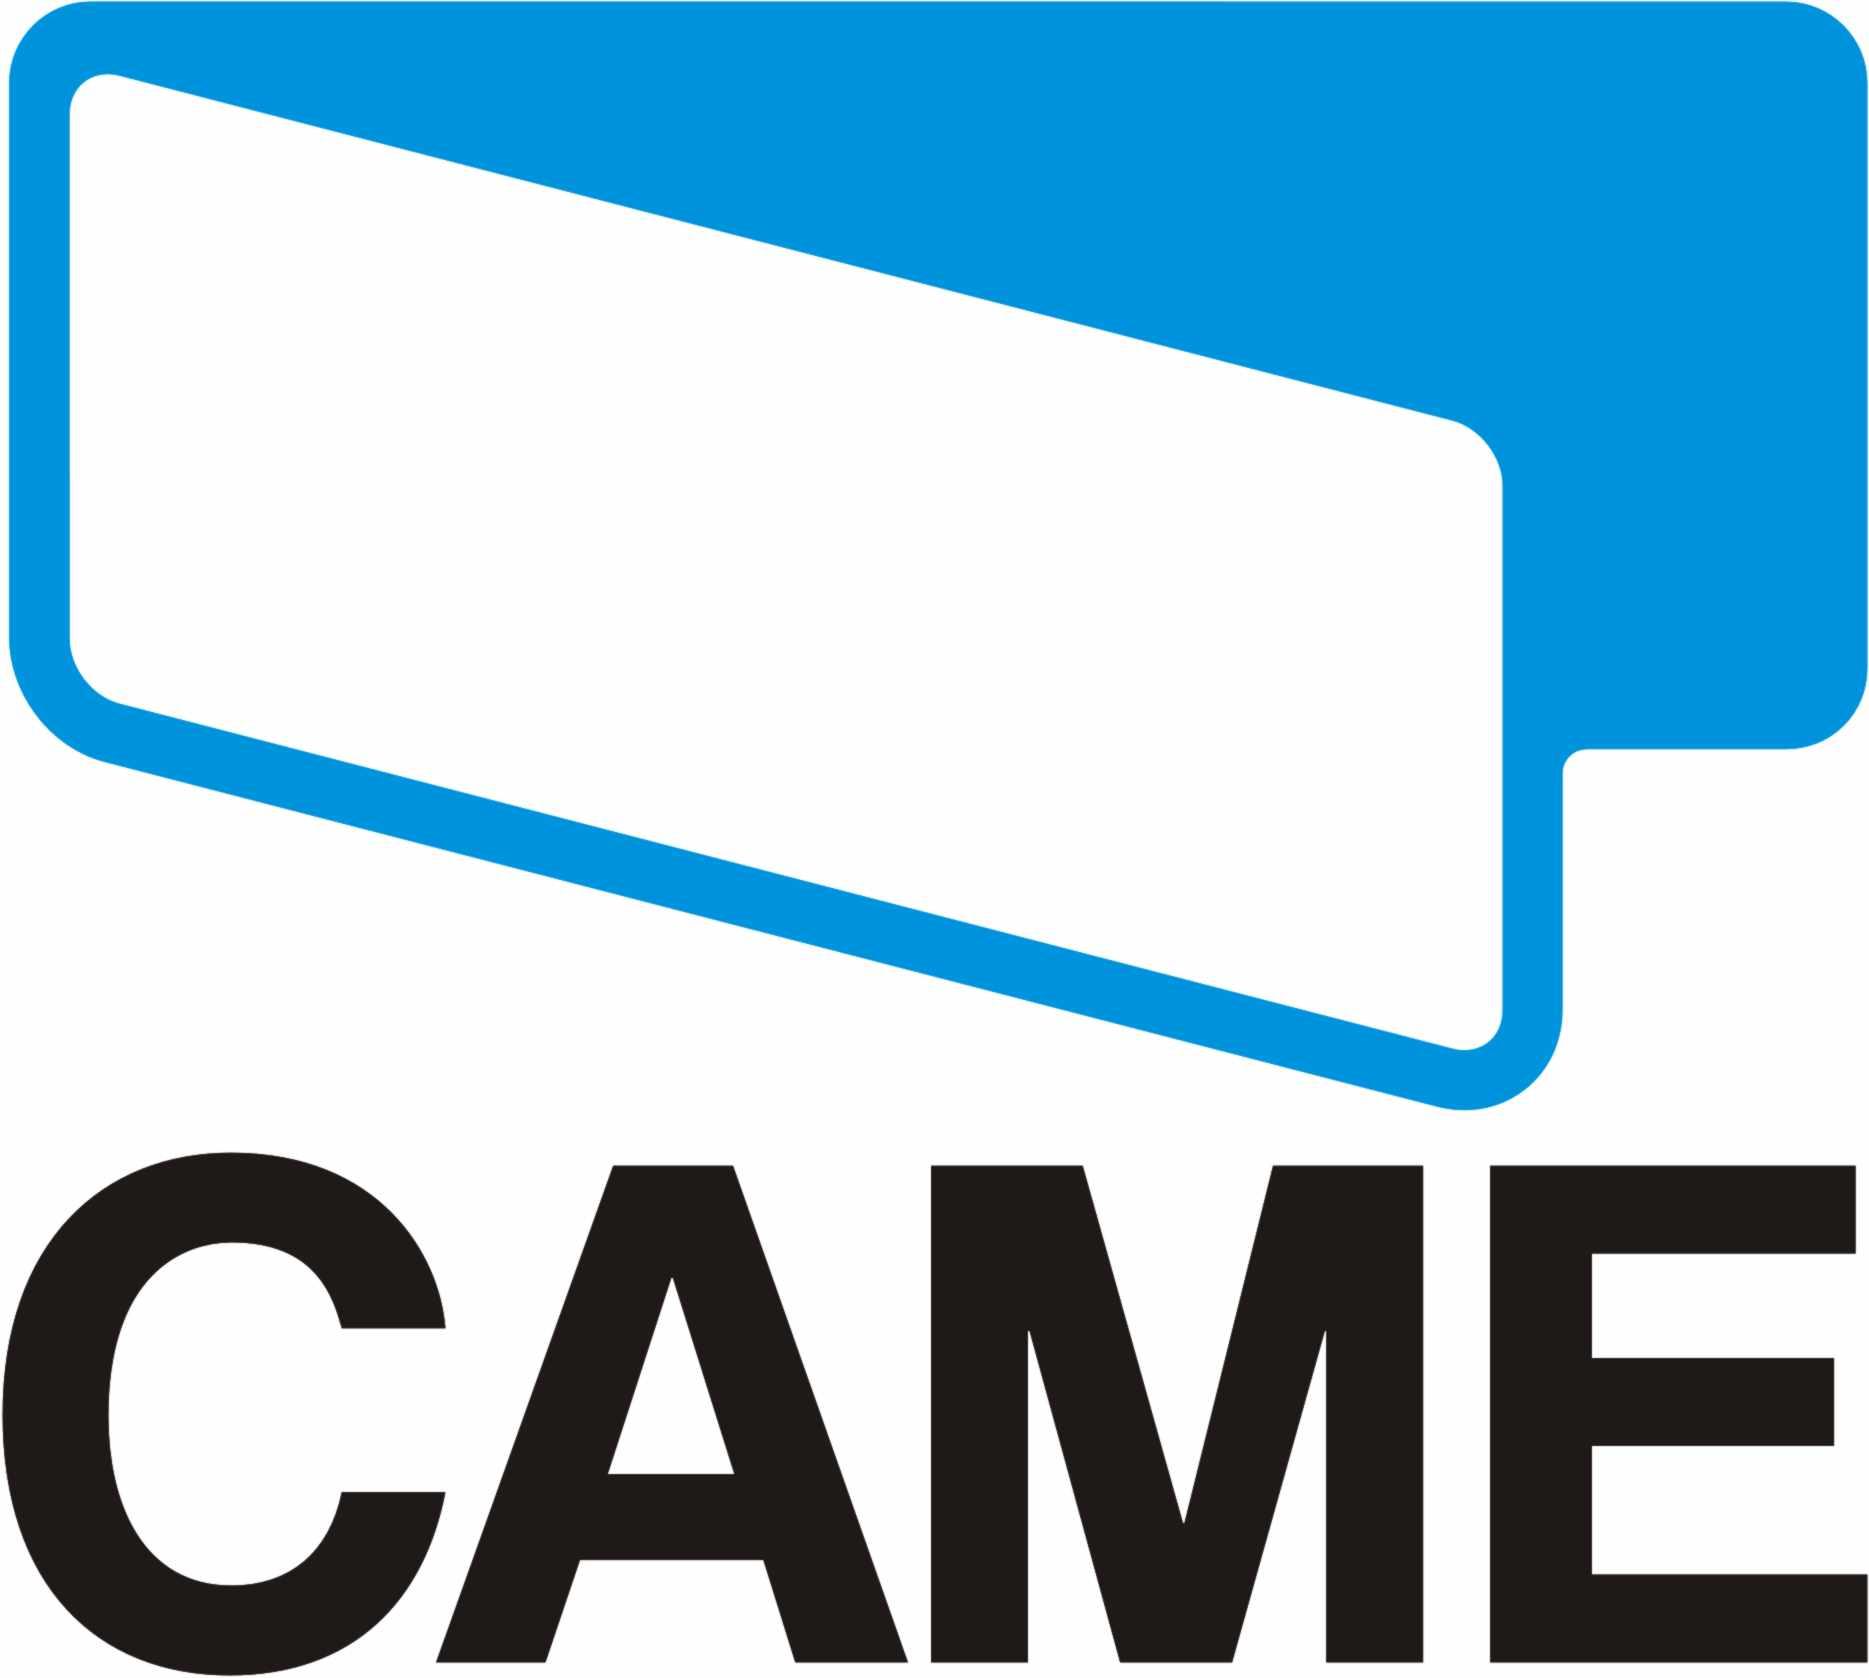 CAIS - CAME